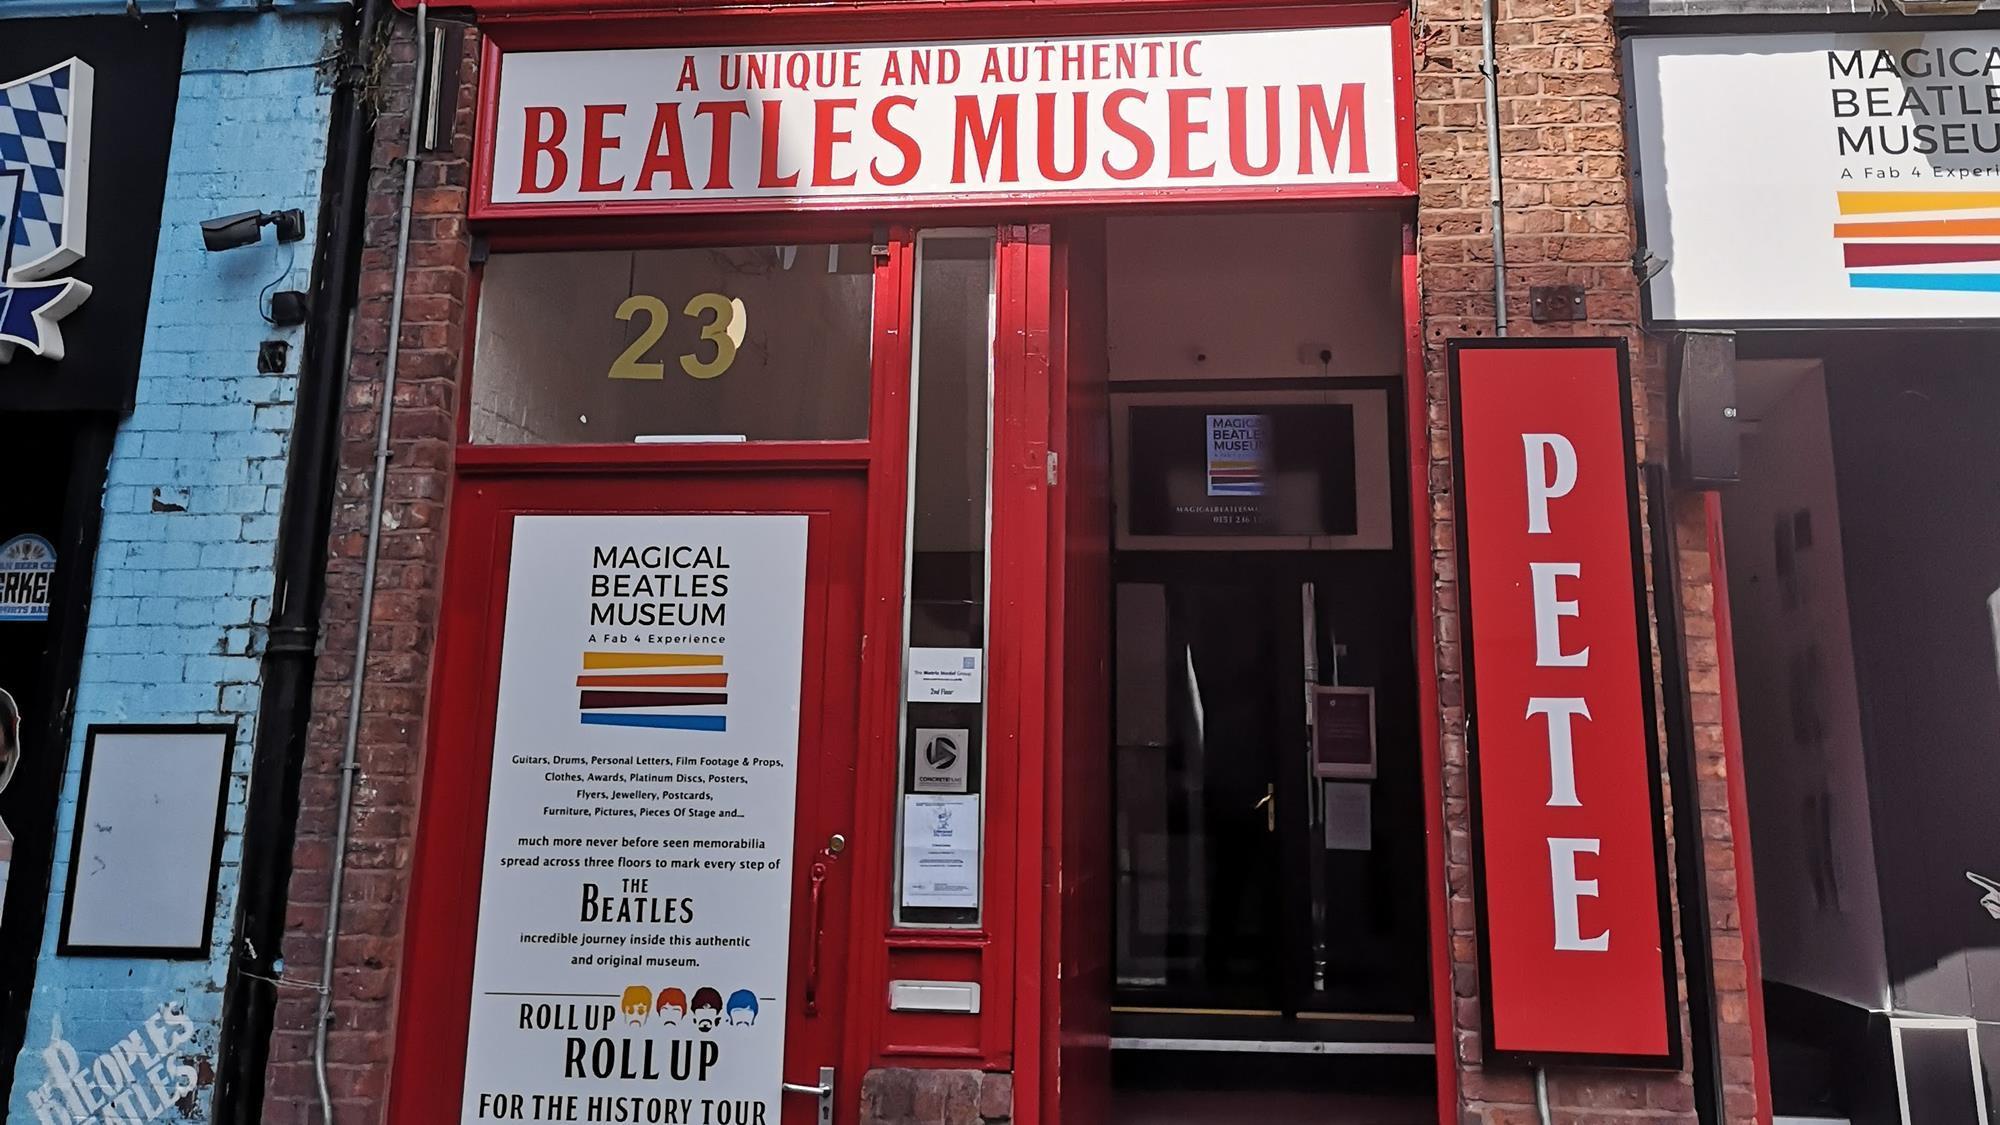 The Beatles Polska: Odsłonięto nowy mural zdobiący wejście do Magical Beatles Museum